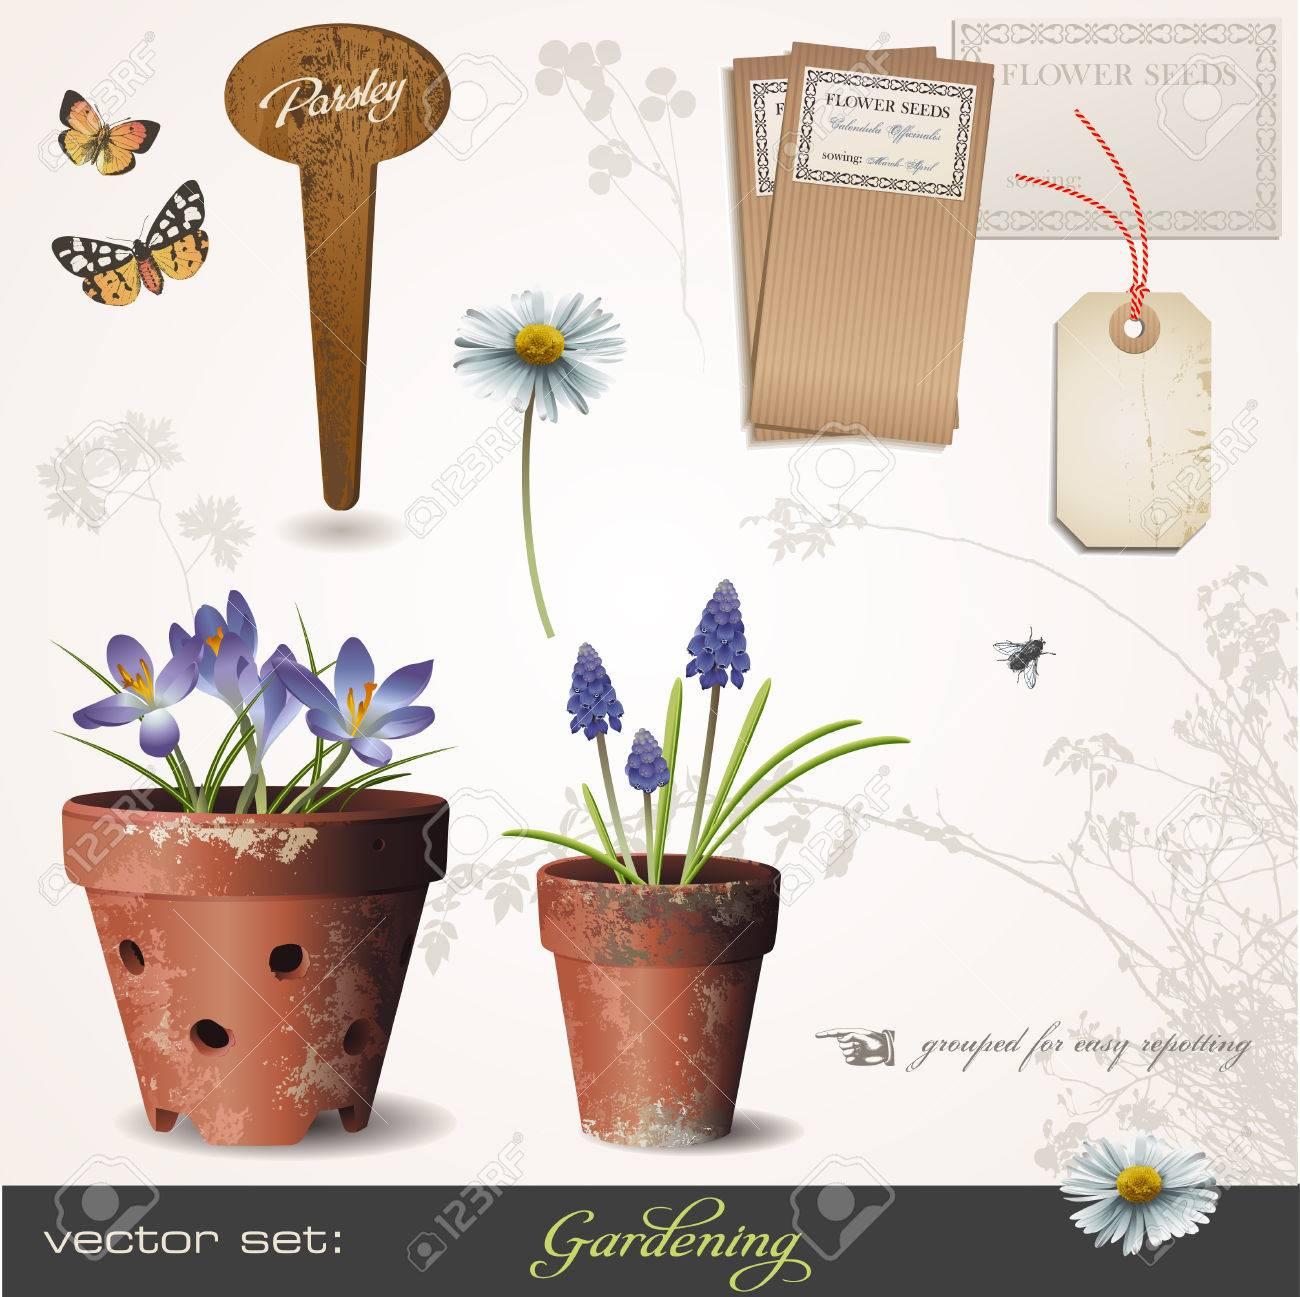 Giardinaggio Fiori.Vettoriale Giardinaggio Con Fiori In Eta Compresa Tra Vasi Di